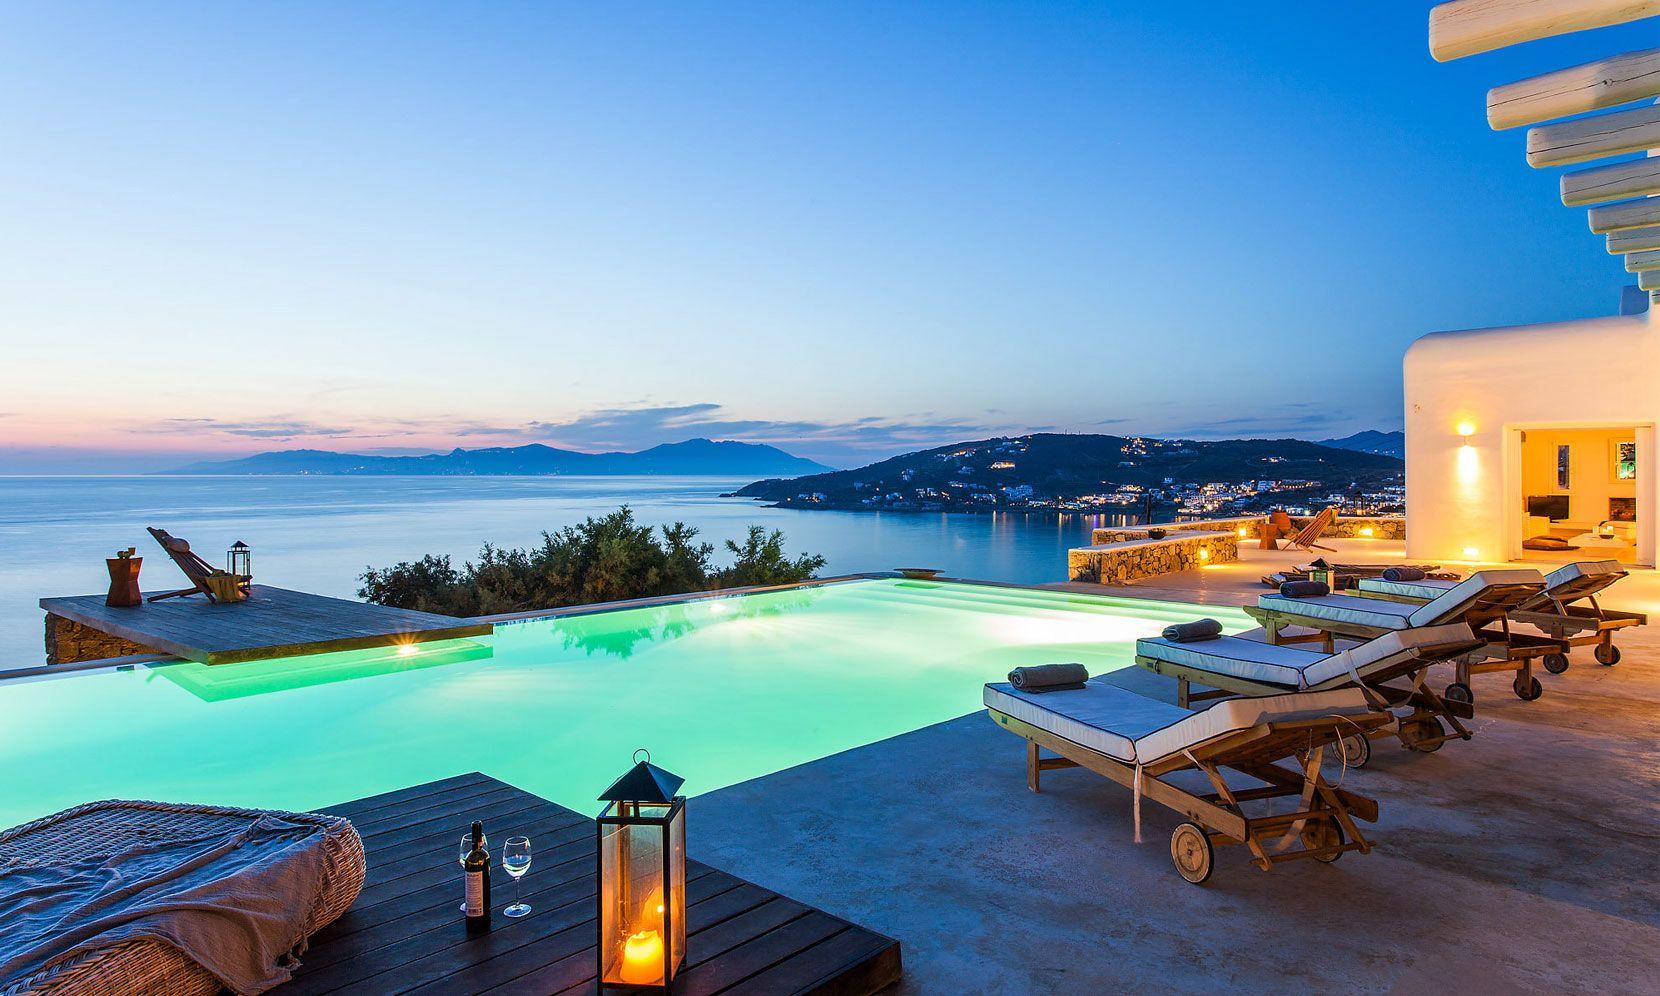 Mykonos Villa Aeropus jumbotron image